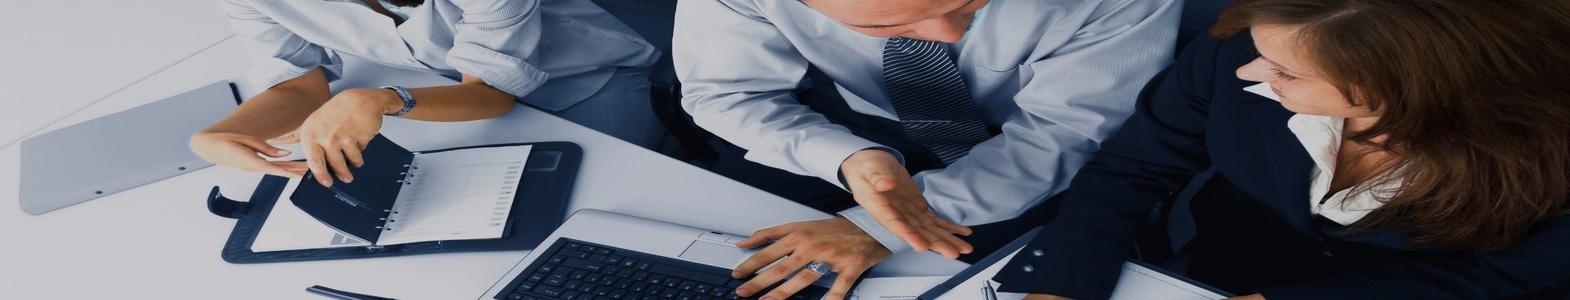 BelimunoJobs com - Gateway to your dream job